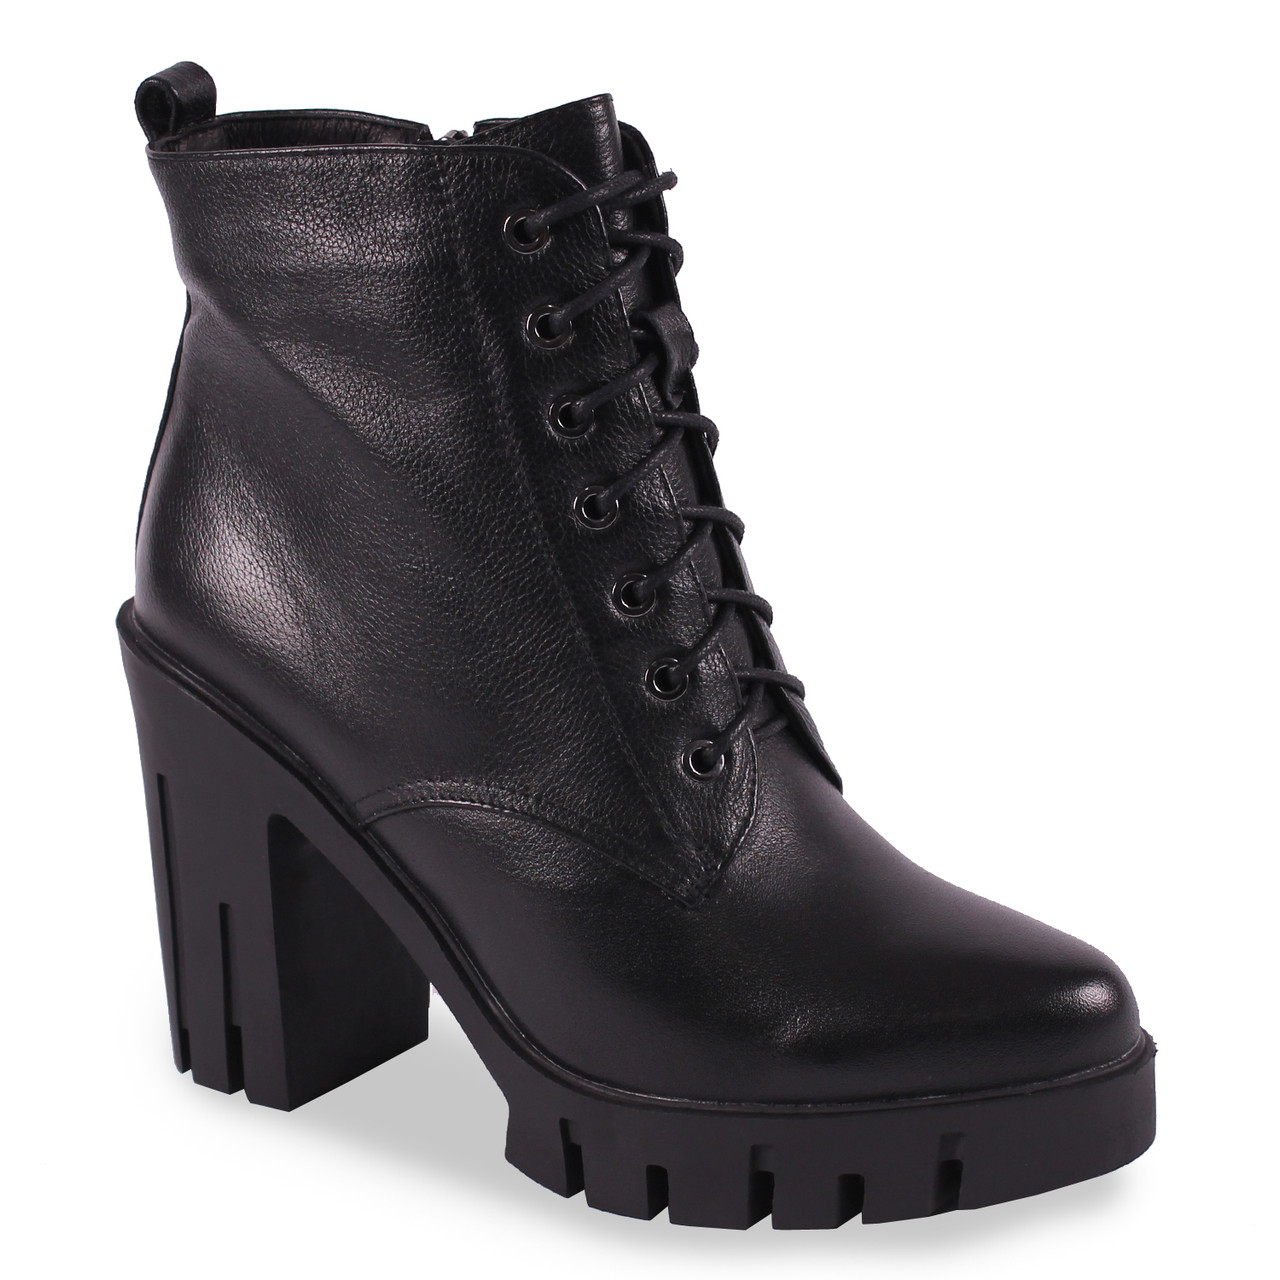 Модные  женские ботинки Brocoly(кожаные, черные, зимние, на шнуровке, на каблуке, удобные, бренд)